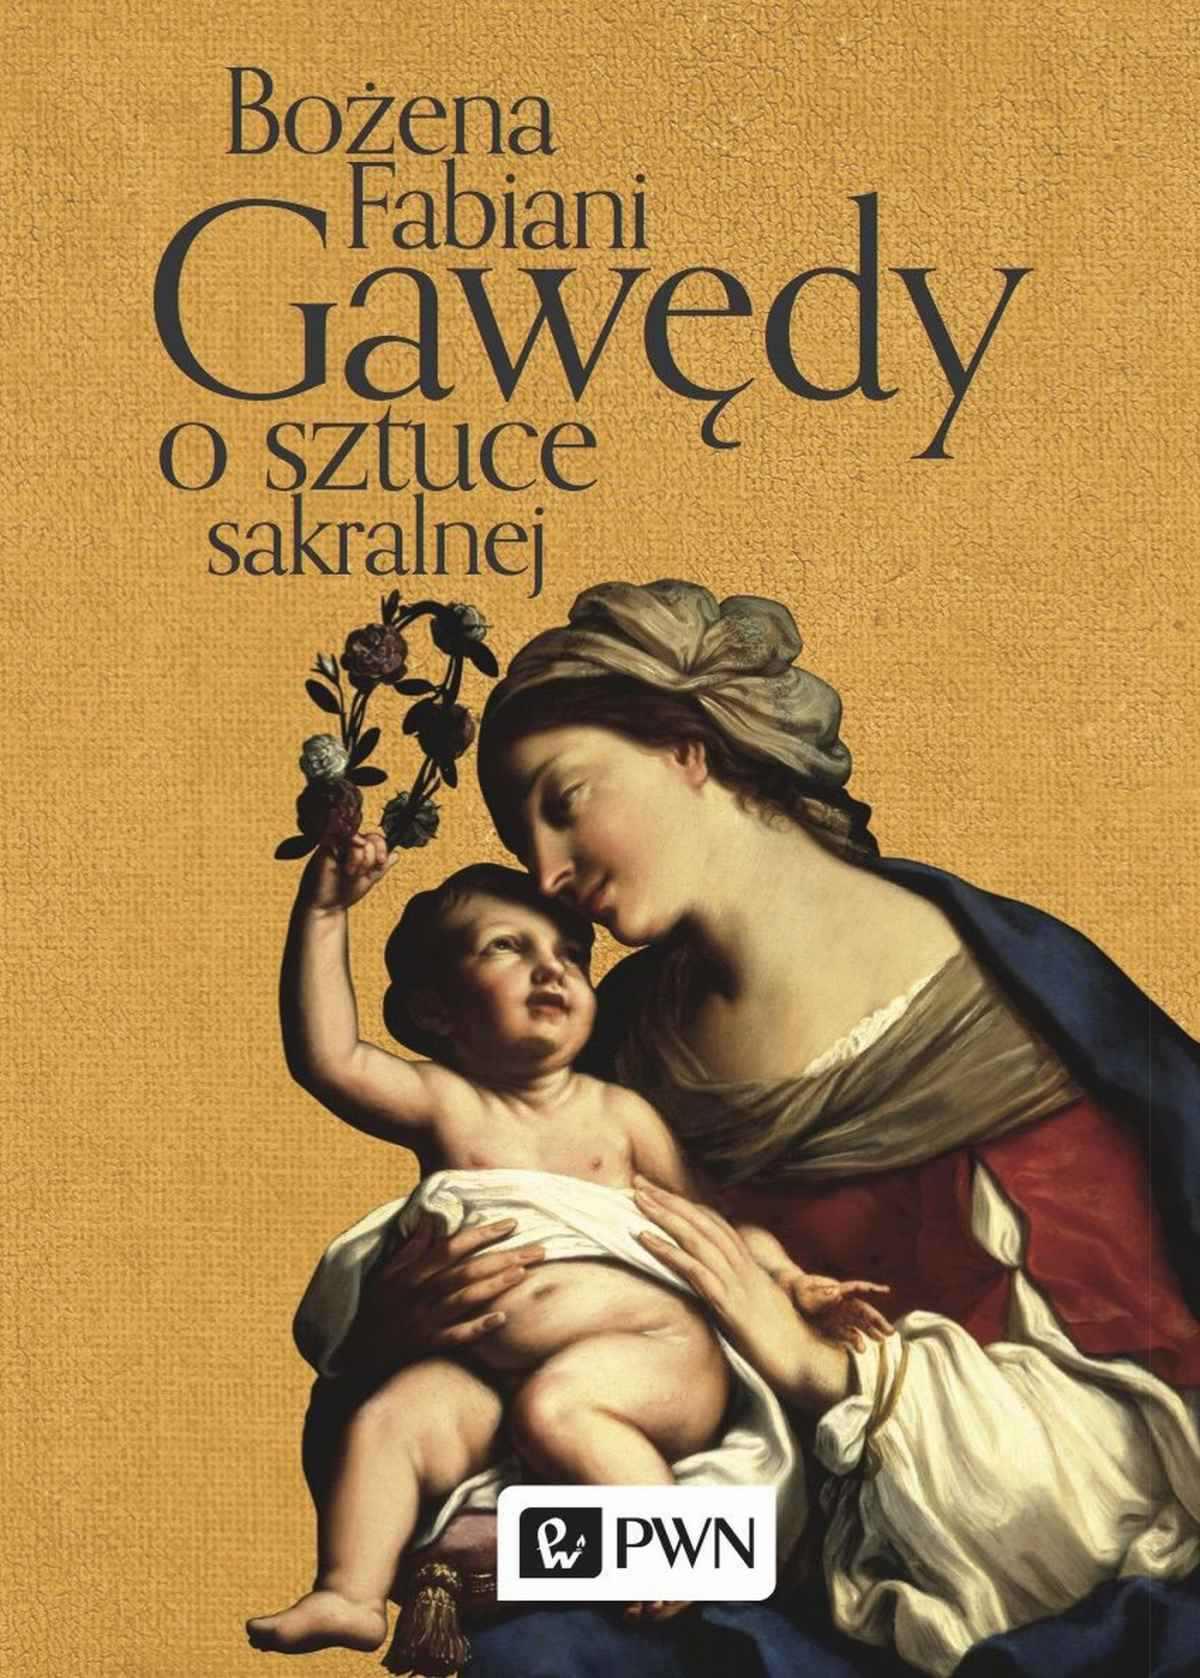 Gawędy o sztuce sakralnej - Ebook (Książka EPUB) do pobrania w formacie EPUB